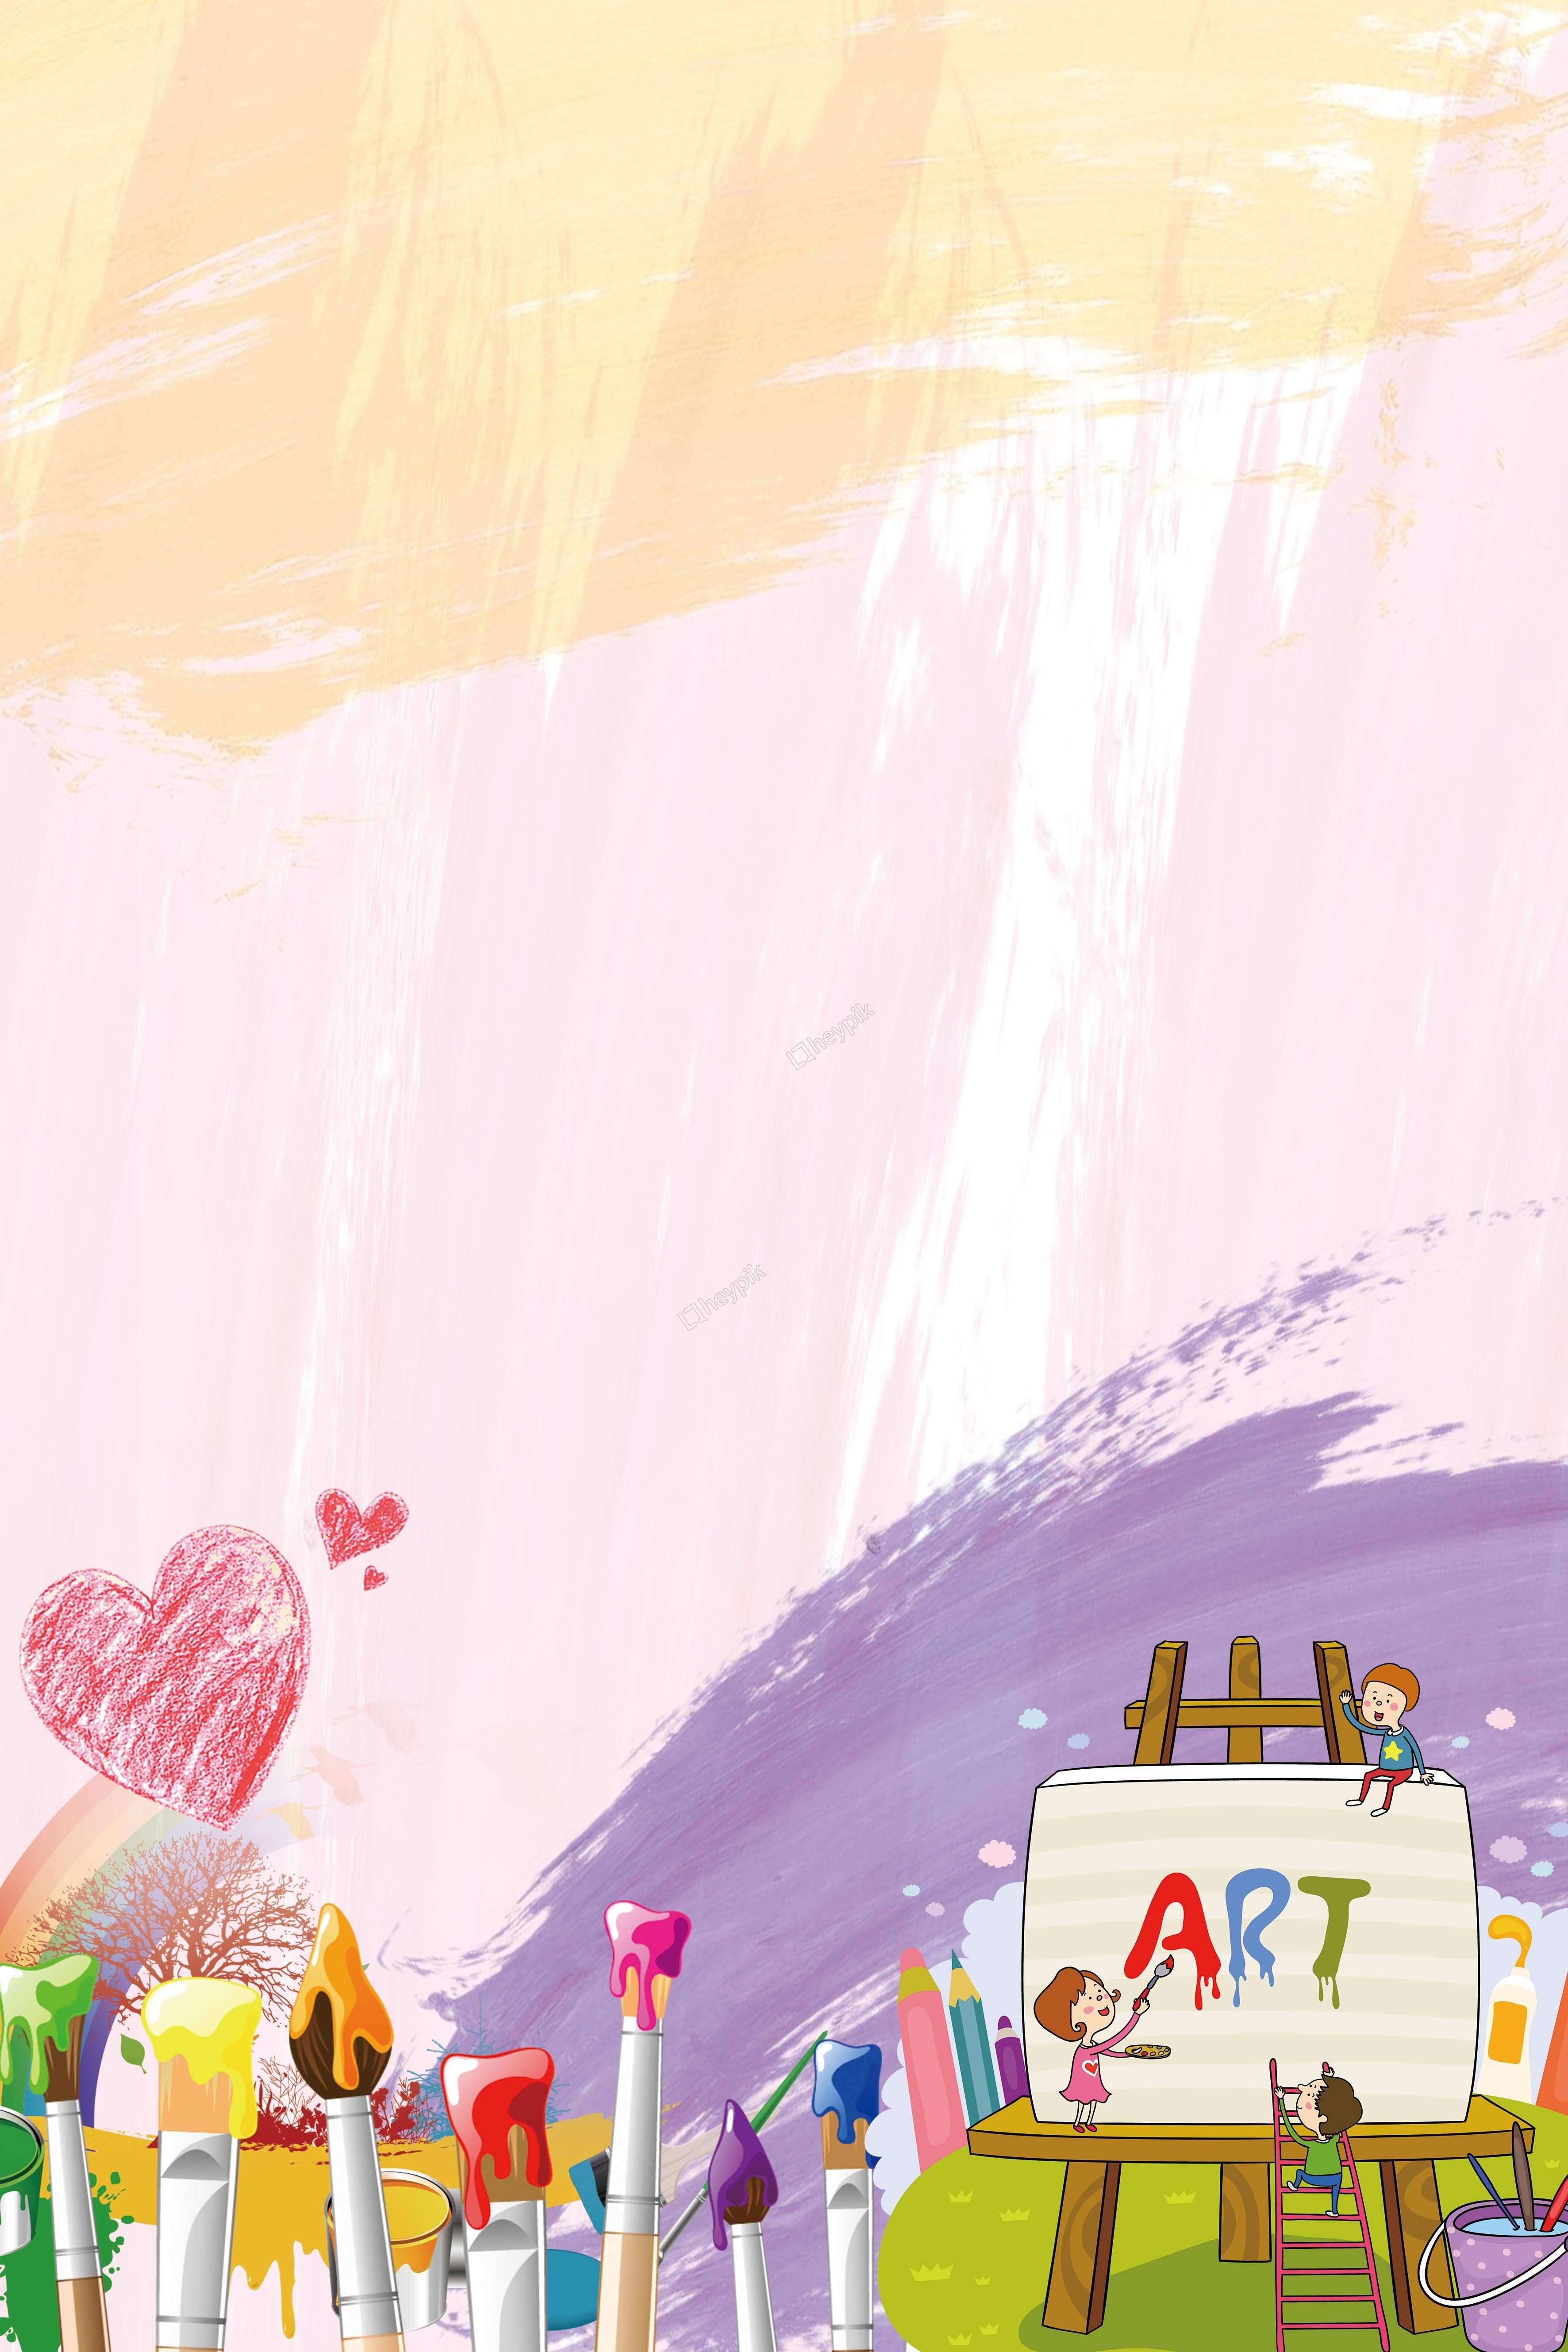 التعليم الشتوي تدريب الإعلان الملصق الخلفية Ilustrasi Pendidikan Ilustrasi Ilustrasi Poster